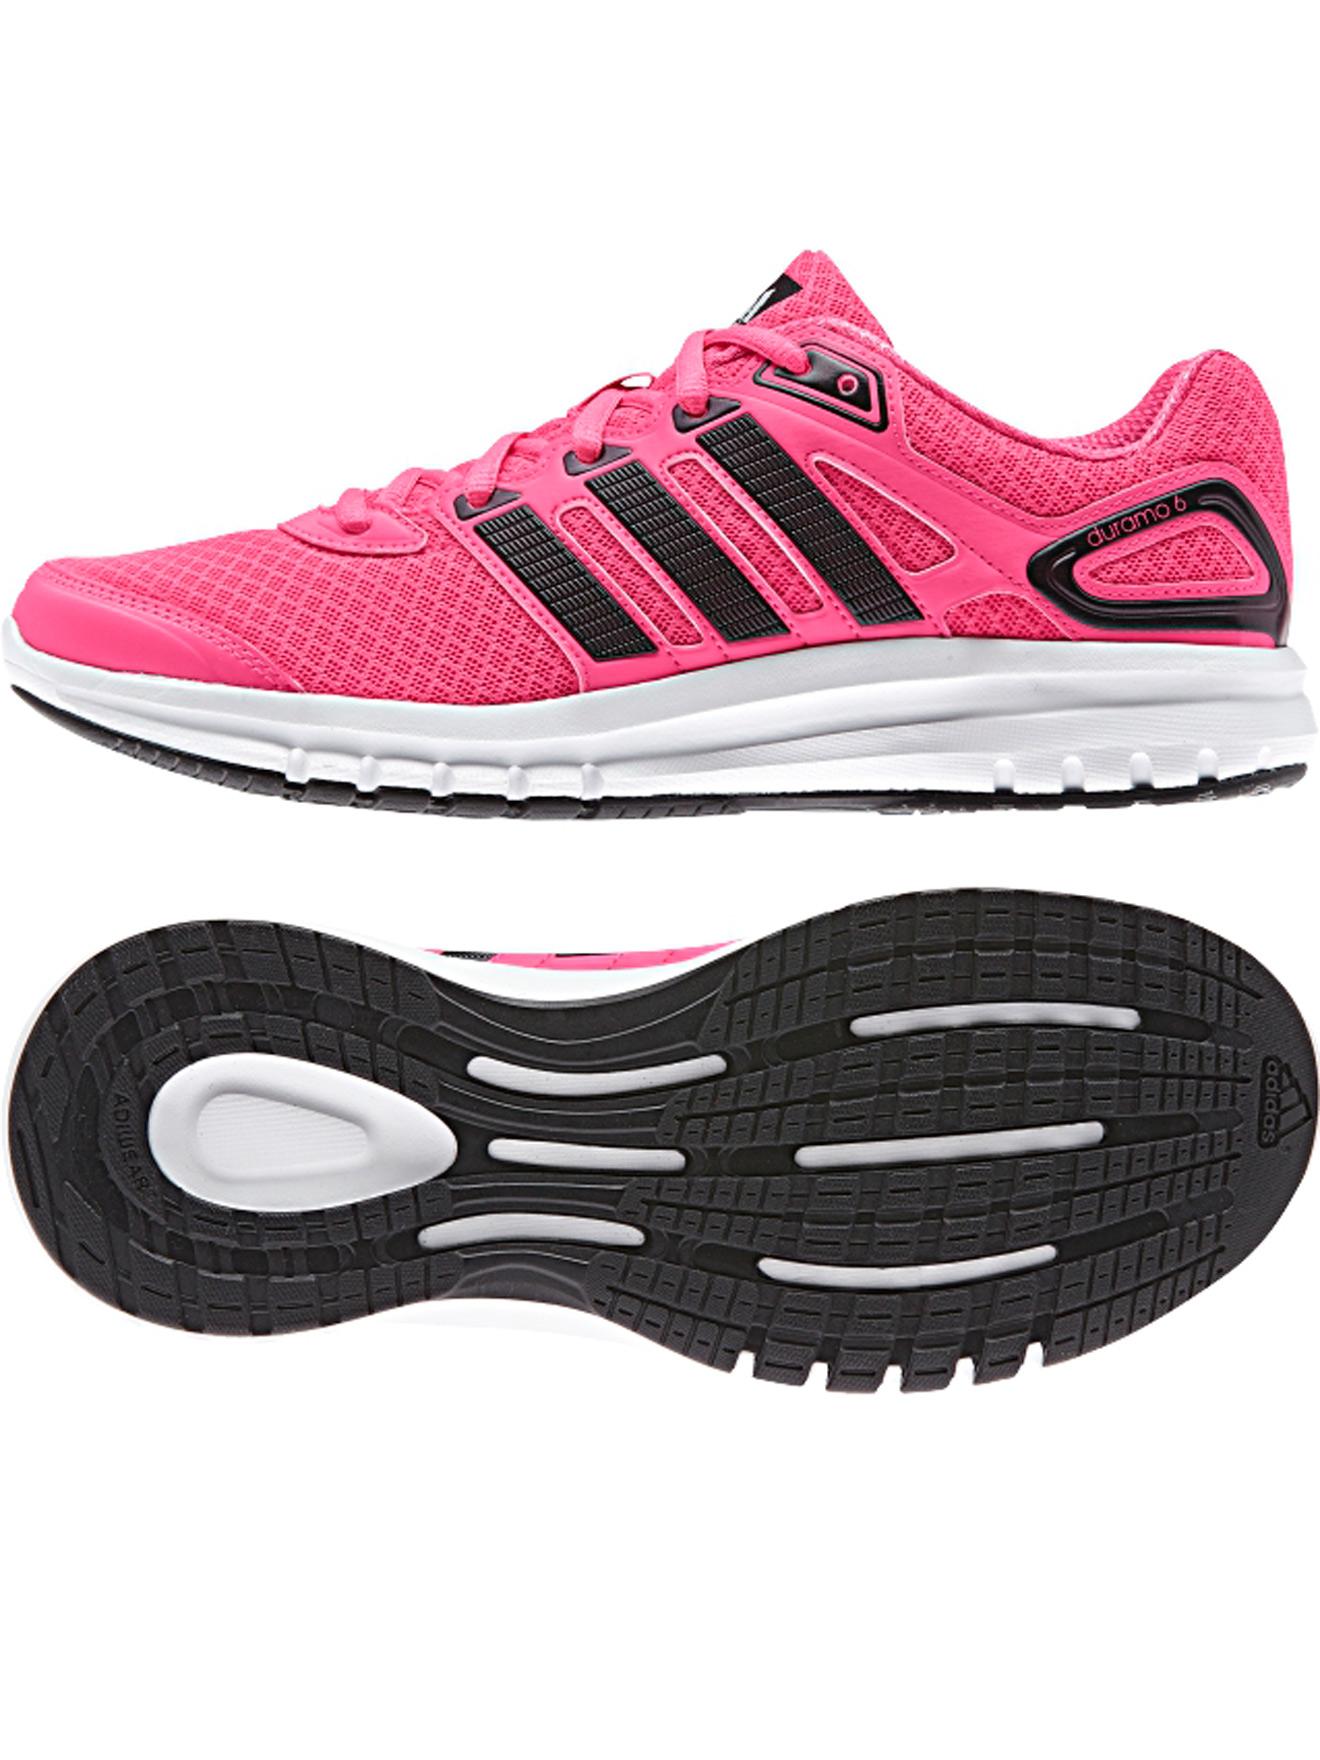 Chaussures Running De 6 Balsamik Duramo DWI2YHE9